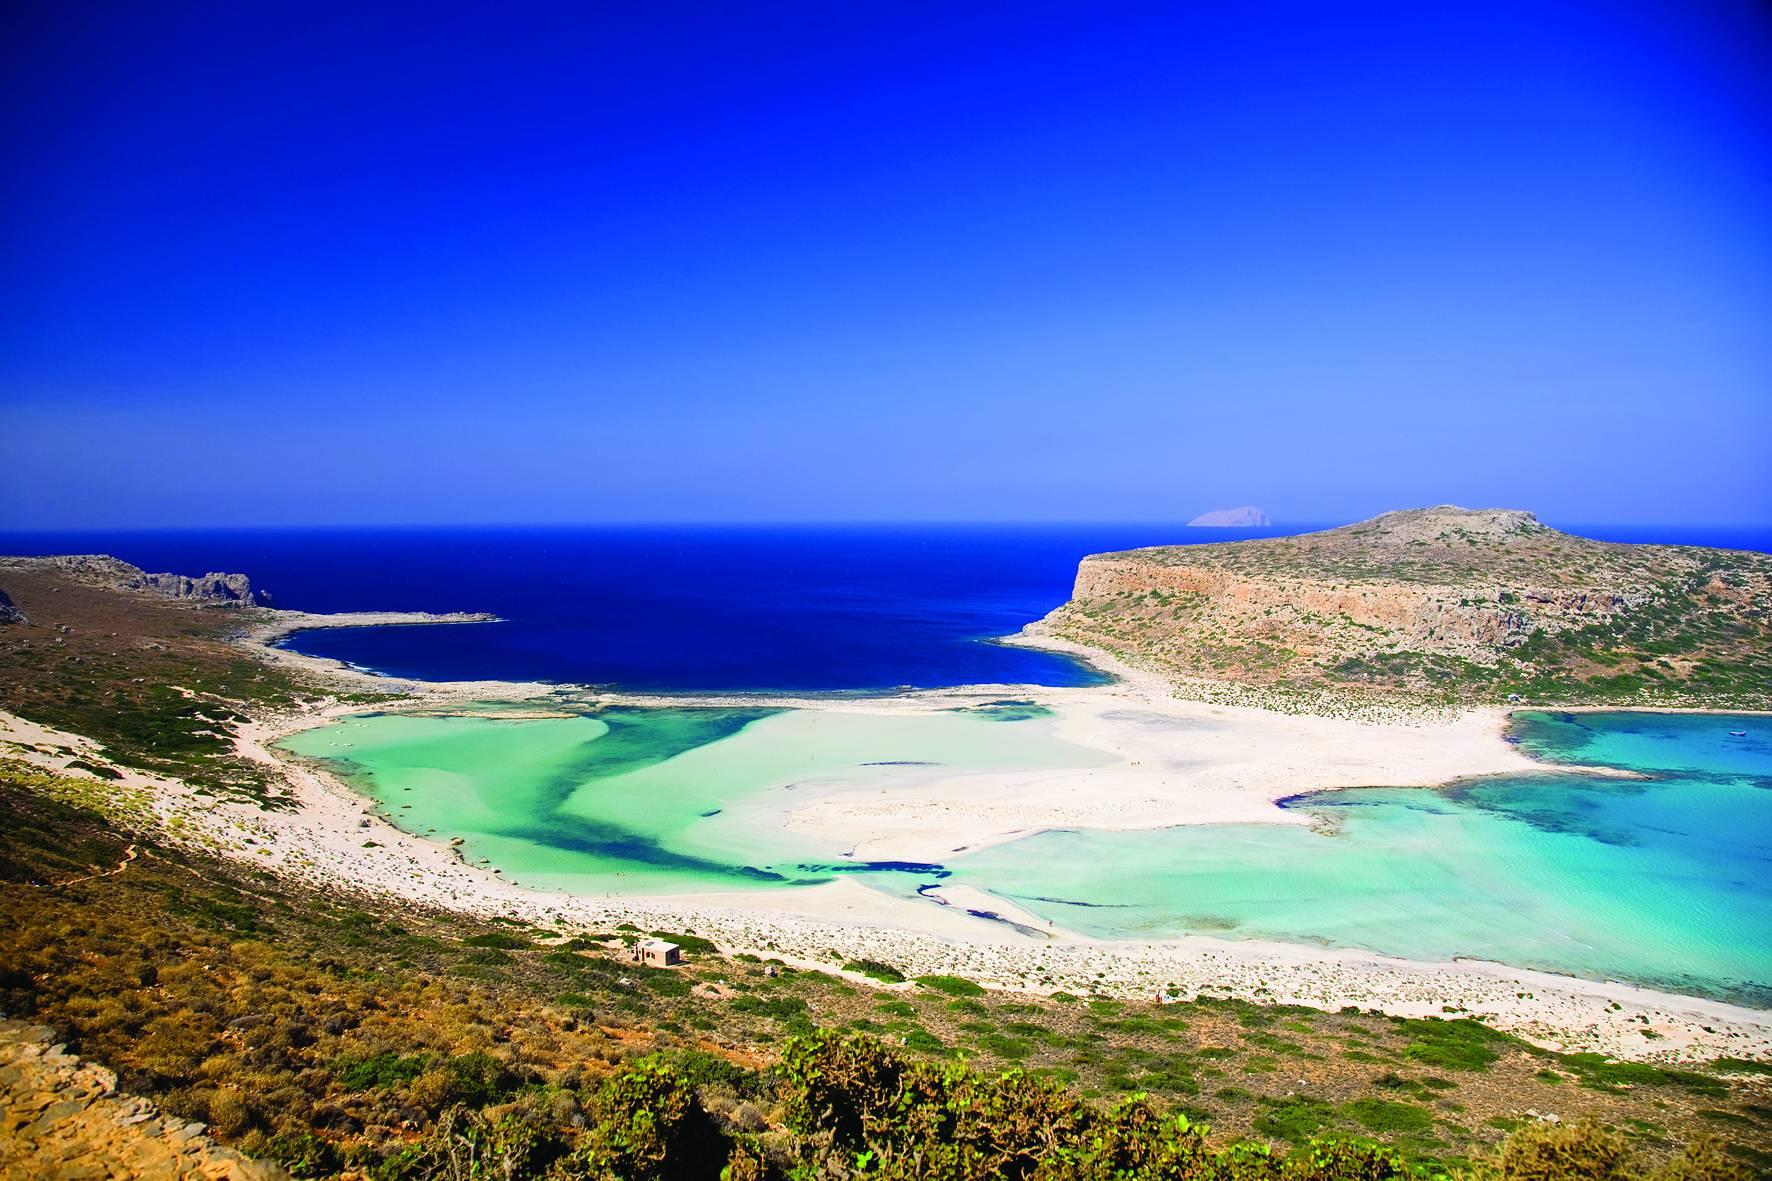 Neka vas ovo ljeto razmaze dvije ljetne oaze na Mediteranu